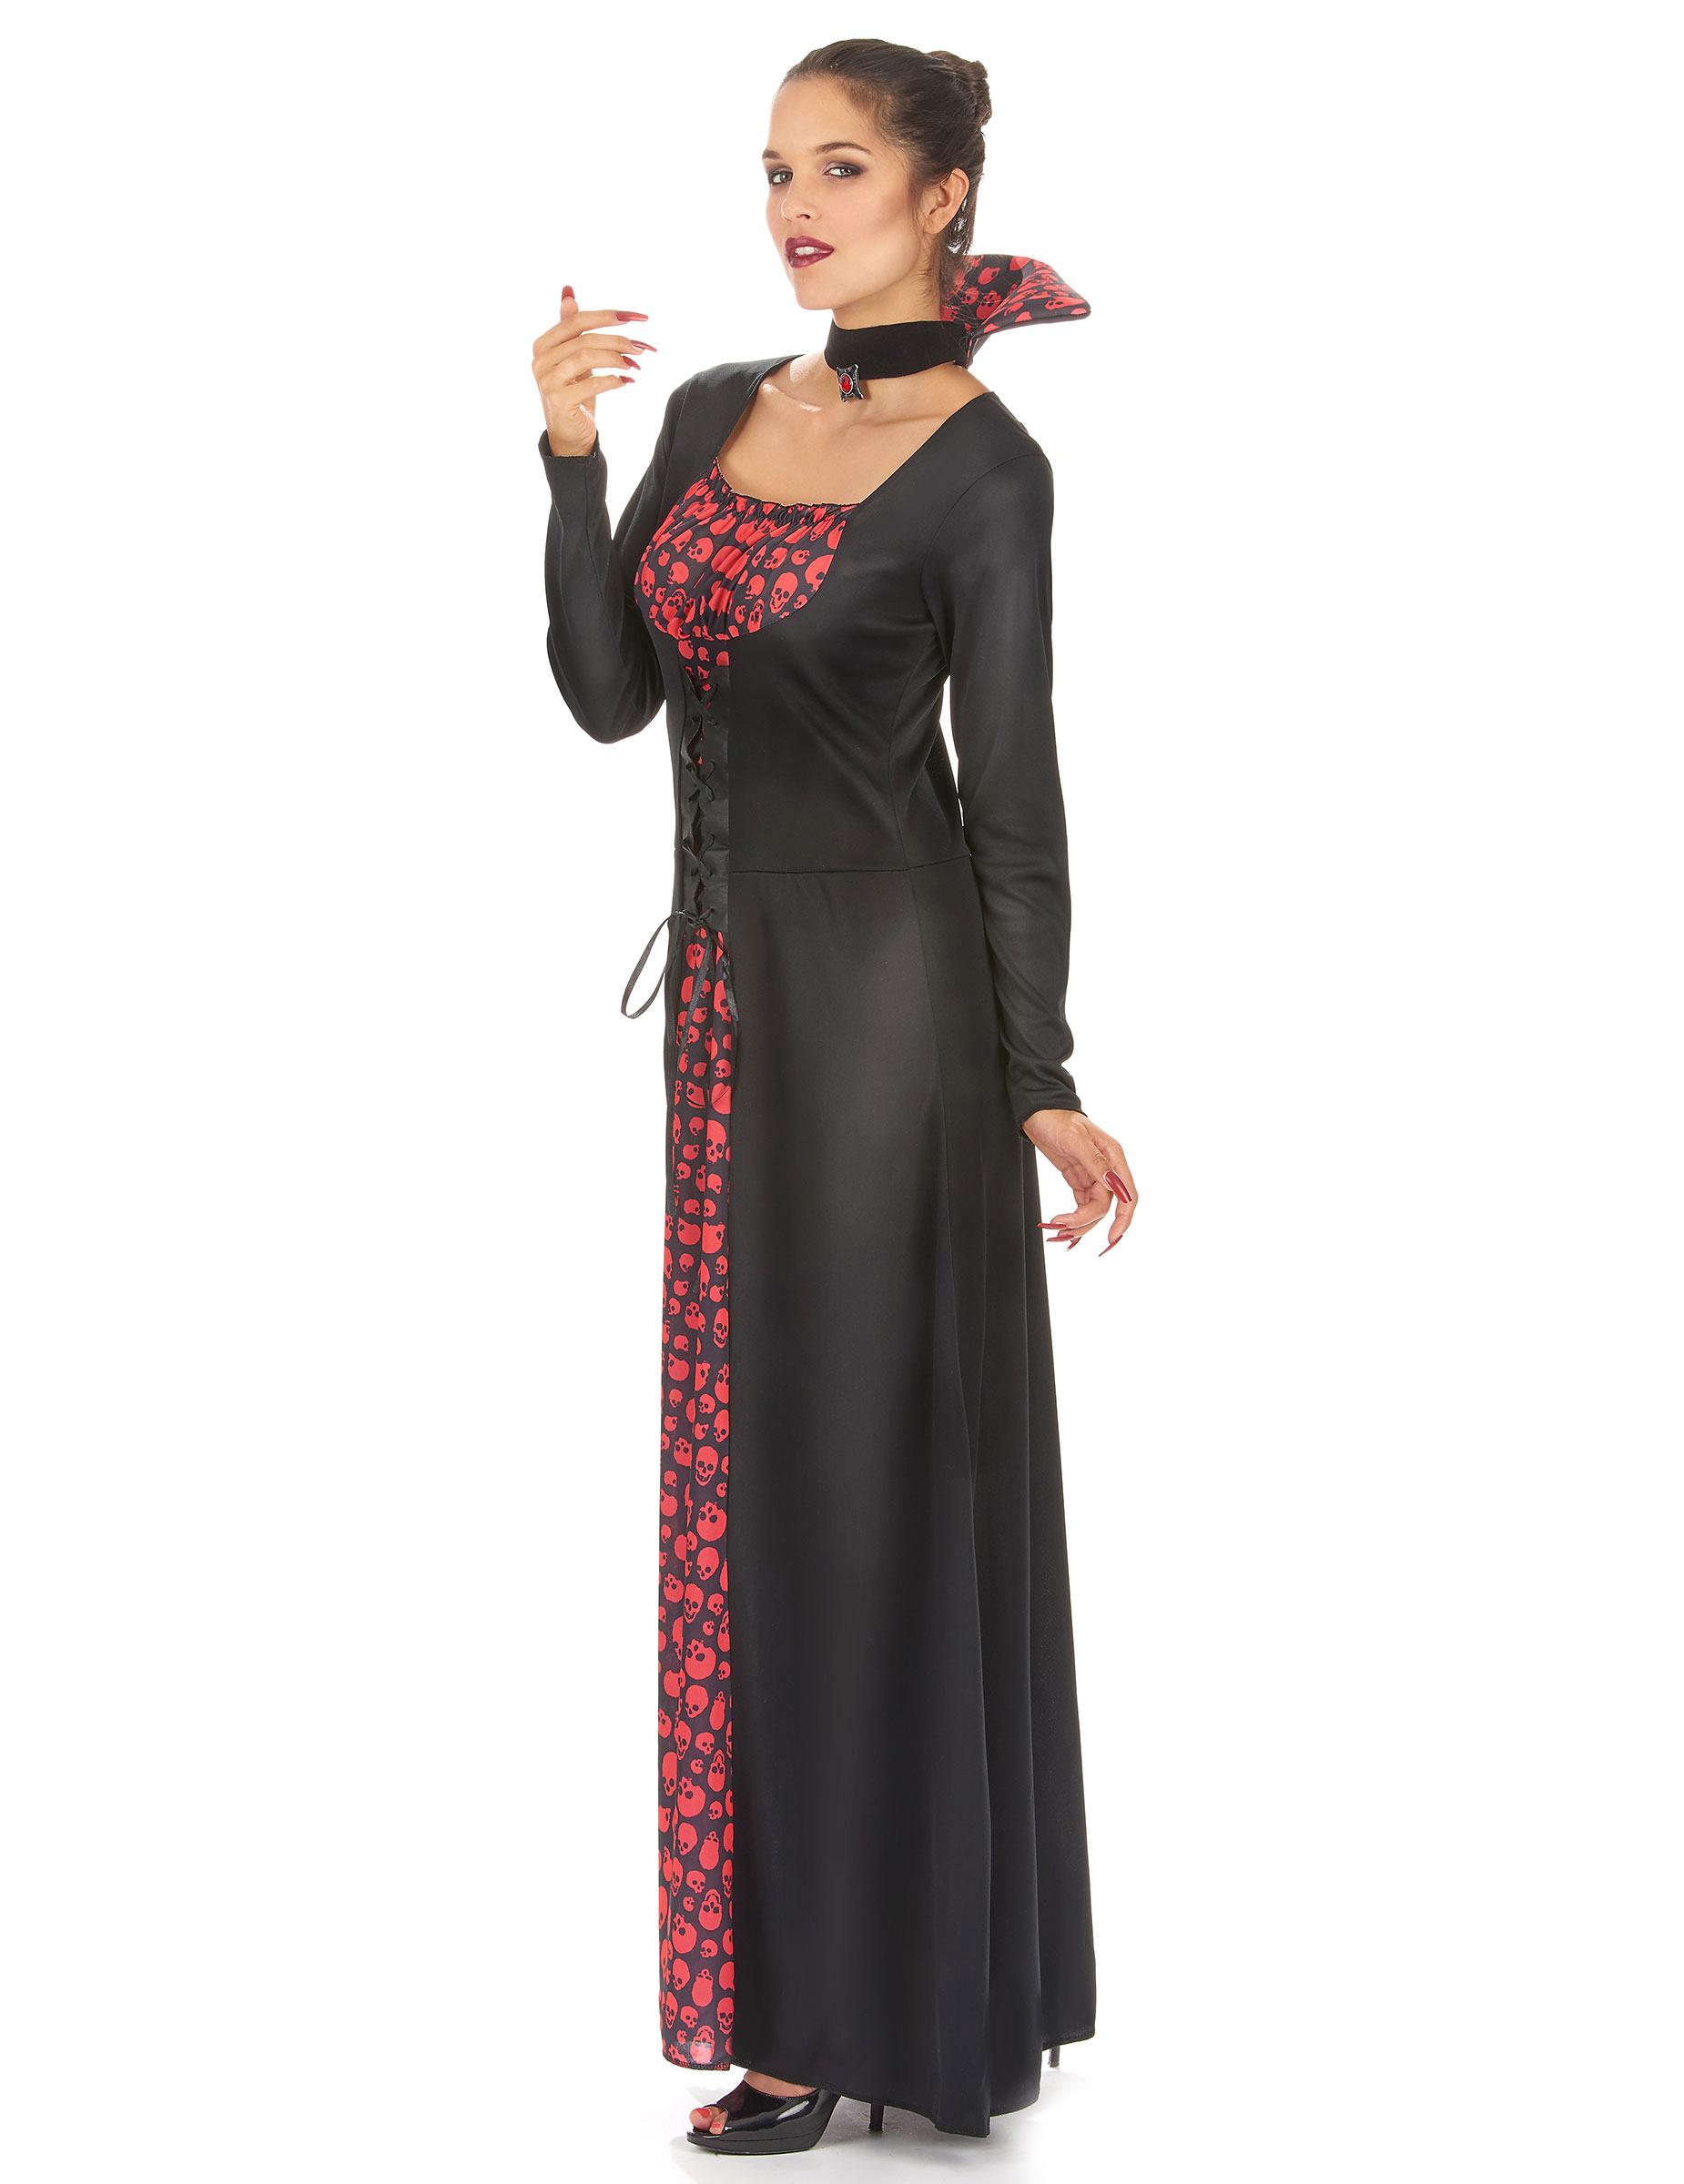 Costume da donna vampiro per Halloween su VegaooParty 6f58523a01a4